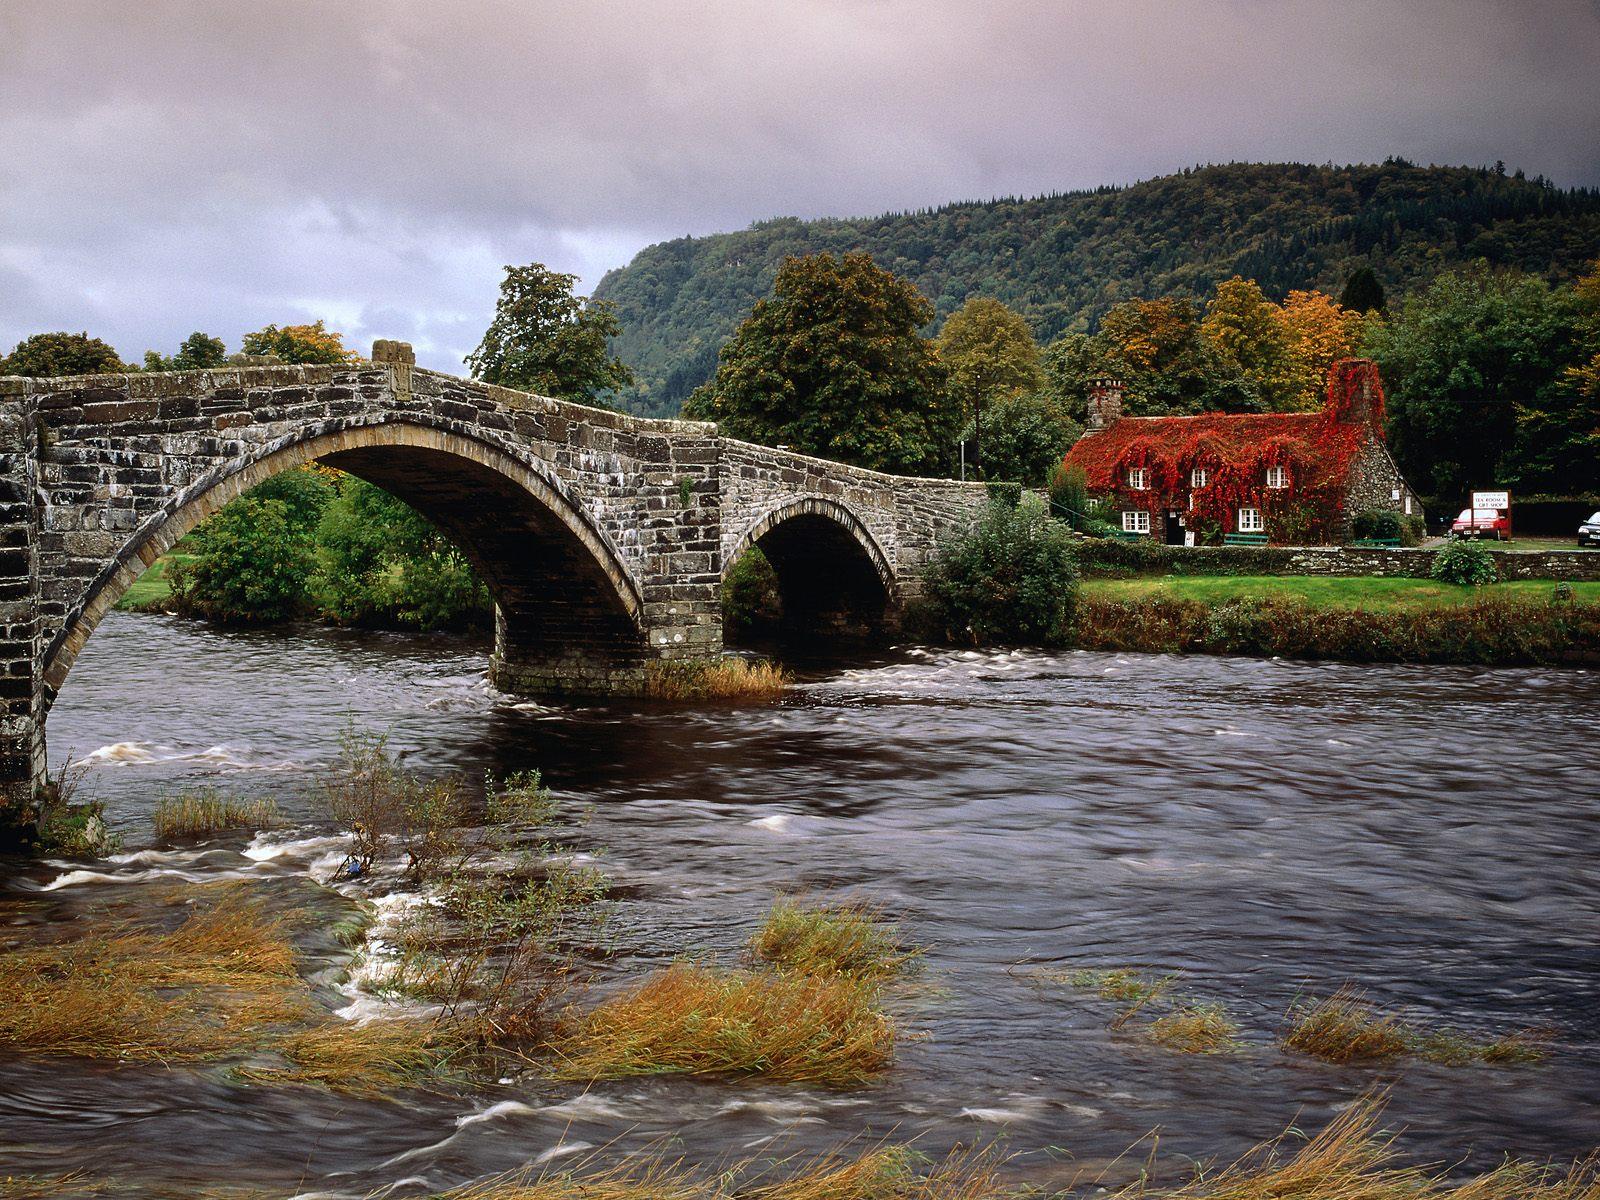 Llanrwst bridge conwy river wales united kingdom